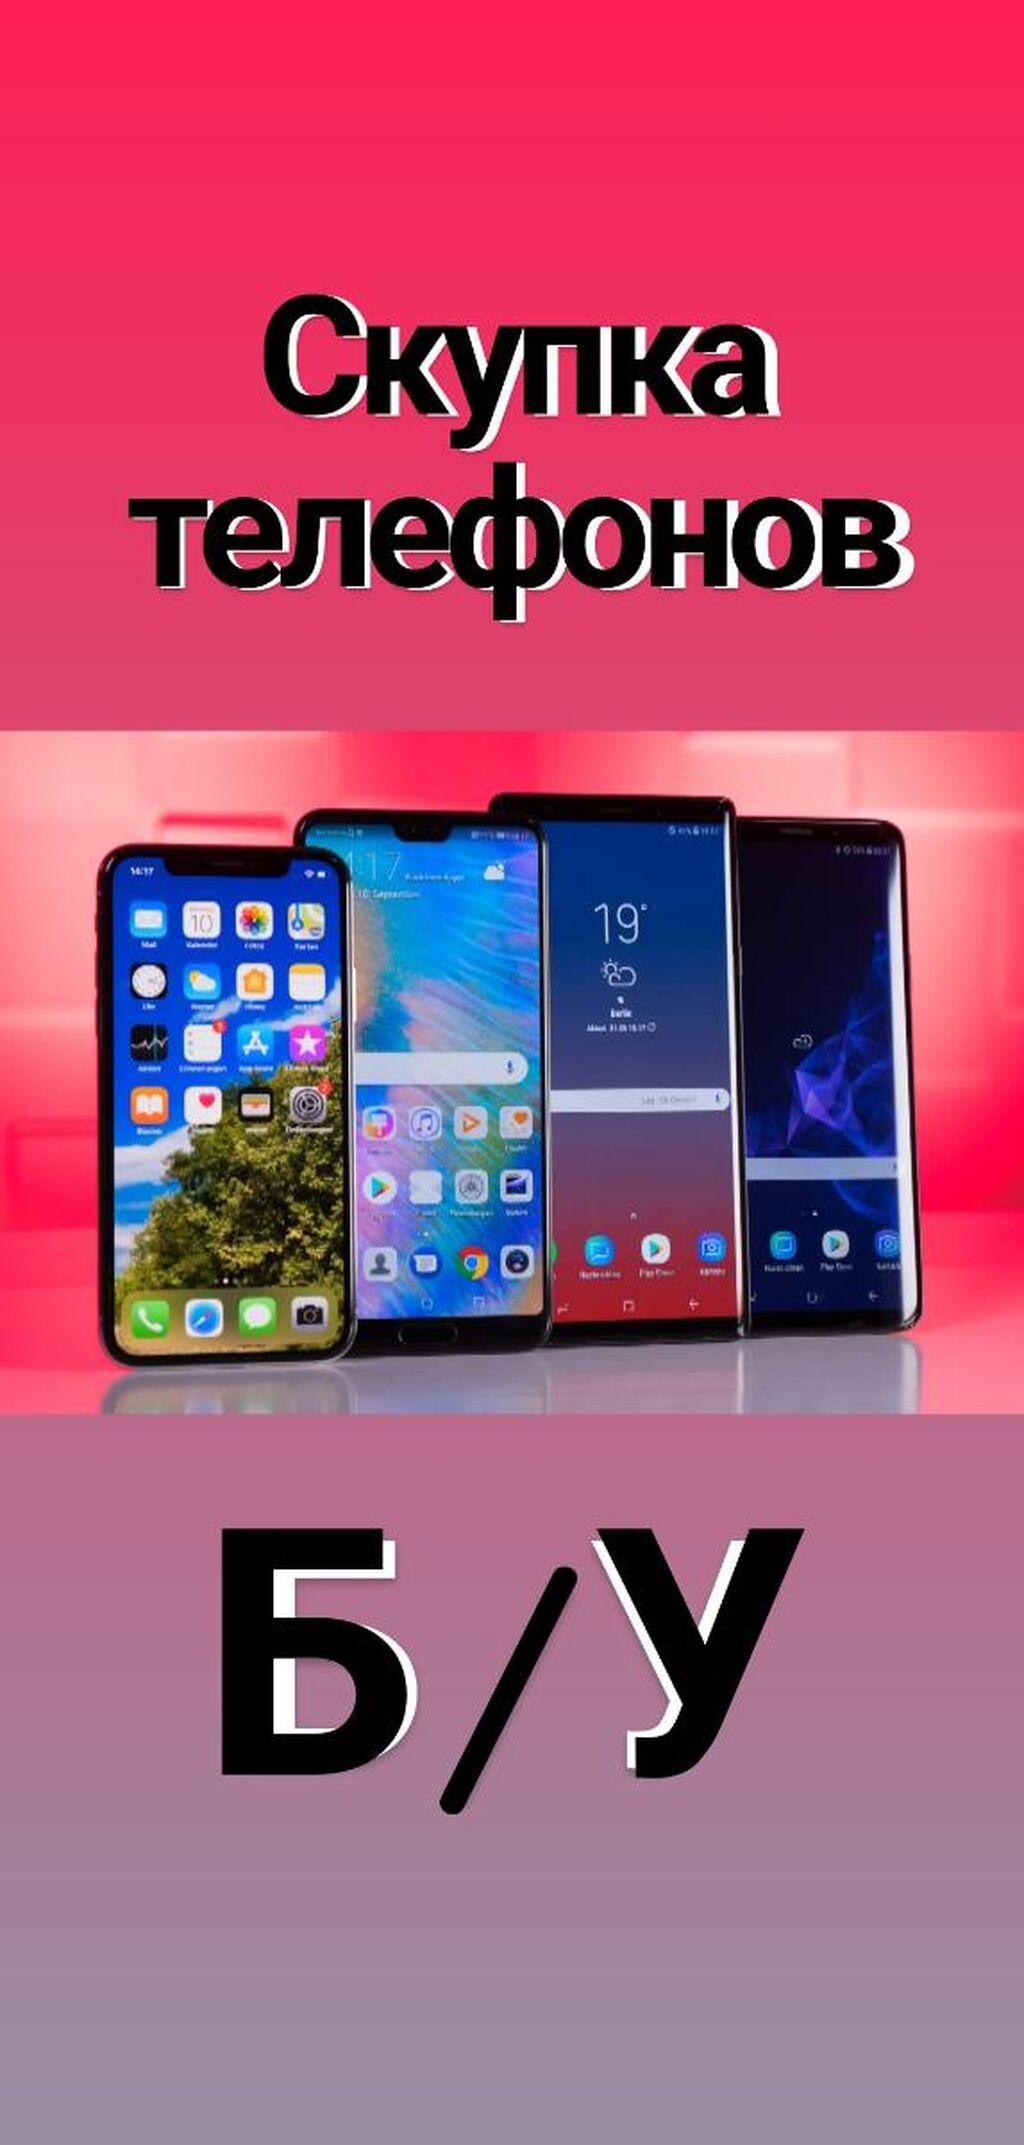 Скупка телефонов!!!) what's app отправляйте варианты!!!